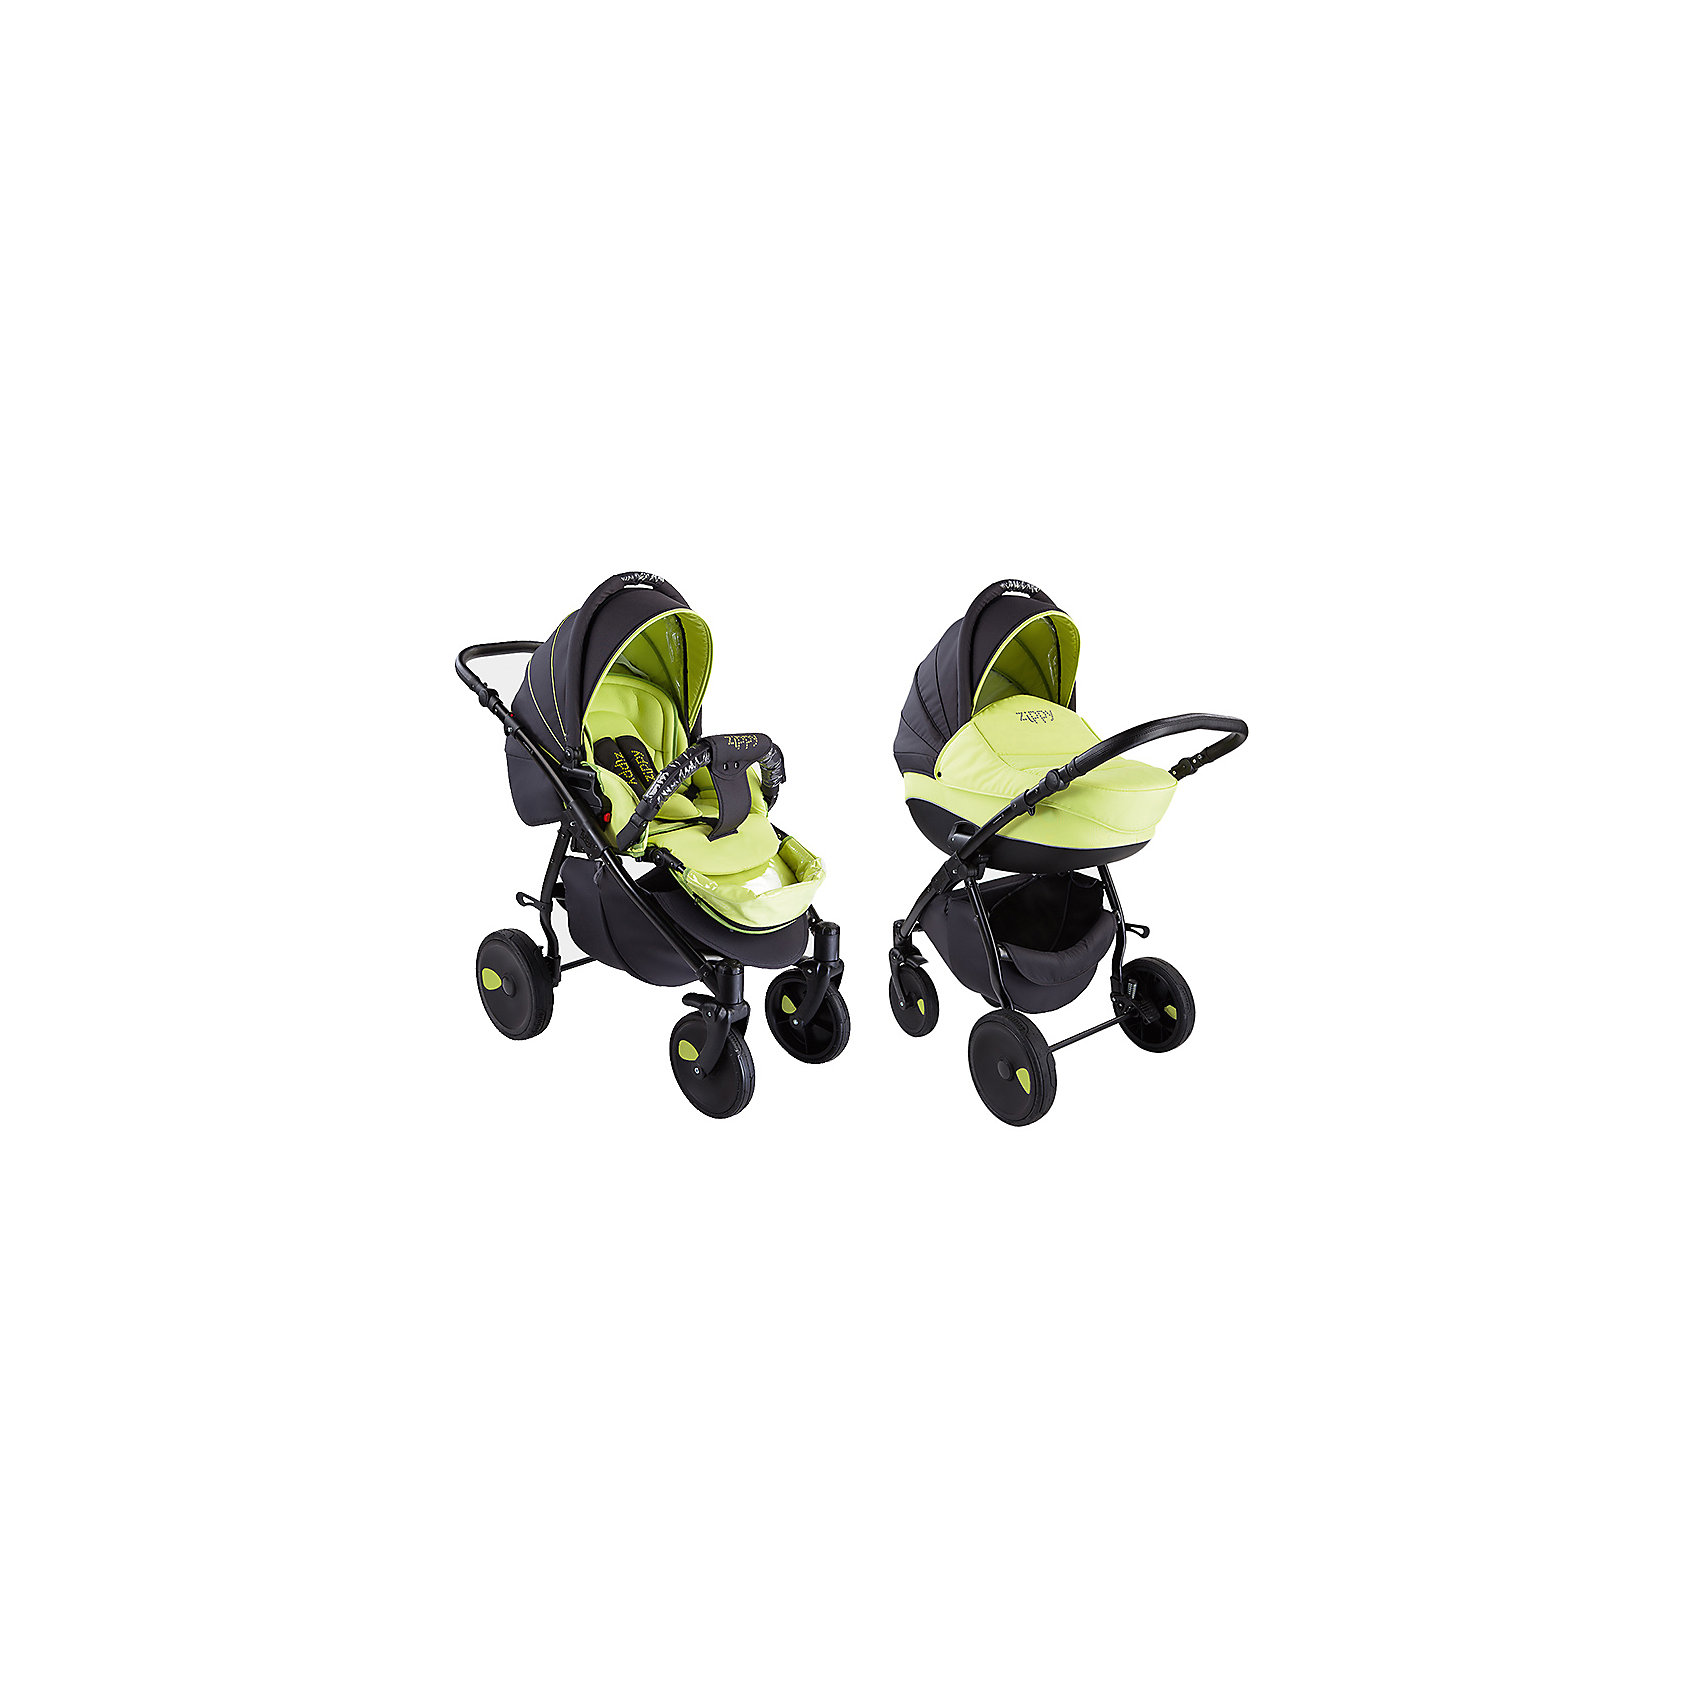 Коляска 2 в 1 Zippy New, Tutis, серый/зеленыйКоляска 2 в 1 Zippy New, Tutis, серый/зеленый<br>Коляска Zippy New, Tutis – это просторная глубокая люлька, прогулочный блок и шасси на которое эти два модуля устанавливаются, как лицом к маме, так и наоборот. Коляска имеет надувные колеса, передние - поворотные с блокировкой, задние - с ножными тормозами. Большой регулируемый капюшон с удобной ручкой надежно защищает малыша. Заднюю часть капюшона можно отстегнуть, получается летний вариант с москитной сеткой и тентом от солнца. Предусмотрен встроенный козырёк с силиконовой вставкой. Люлька с вентиляционными отверстиями в нижней части имеет жесткий каркас. Внутри люльки - тканевое покрытие и матрасик из кокосового волокна со съемным чехлом. Имеется регулируемый подголовник. Прогулочный блок имеет широкое сидение. Наклон спинки регулируется в 4 положениях вплоть до горизонтального. Имеется покрытая силиконом регулируемая подножка (3 положения), регулируемые пятиточечные ремни безопасности с мягкими накладками, мягкий матрасик вкладыш, накидка на ножки, мягкий съемный бампер обтянутый силиконовой пленкой. Регулируемая ручка коляски отделана эко-кожей. Имеется корзина для покупок и сумка для мамы. Шасси легко и компактно складывается, имеется фиксатор от раскладывания. Все тканевые покрытия коляски изготовлены из прочной, но нежной хлопчатобумажной ткани, технология SILVER PLUS обеспечивает защиту от микробов и аллергенов.<br><br>Дополнительная информация:<br><br>- В комплекте: люлька, прогулочный блок, шасси, сумка для мамы, корзина для покупок, чехол на ножки (для люльки и прогулочного блока), москитная сетка, дождевик, матрас для люльки, матрасик-вкладыш для прогулочного блока<br>- Функция качания (когда люлька лежит на полу)<br>- Размер: шасси в разложенном виде 84х62х101 см; шасси в сложенном виде 89х62х38 см.<br>- Размеры: люлька внешний размер 87х39х22 см, внутренний 76х36 см; прогулочный блок внешний размер 95х39х24 см. внутренний 90х39 см.<br>- Вес: люлька 4,3 кг; л